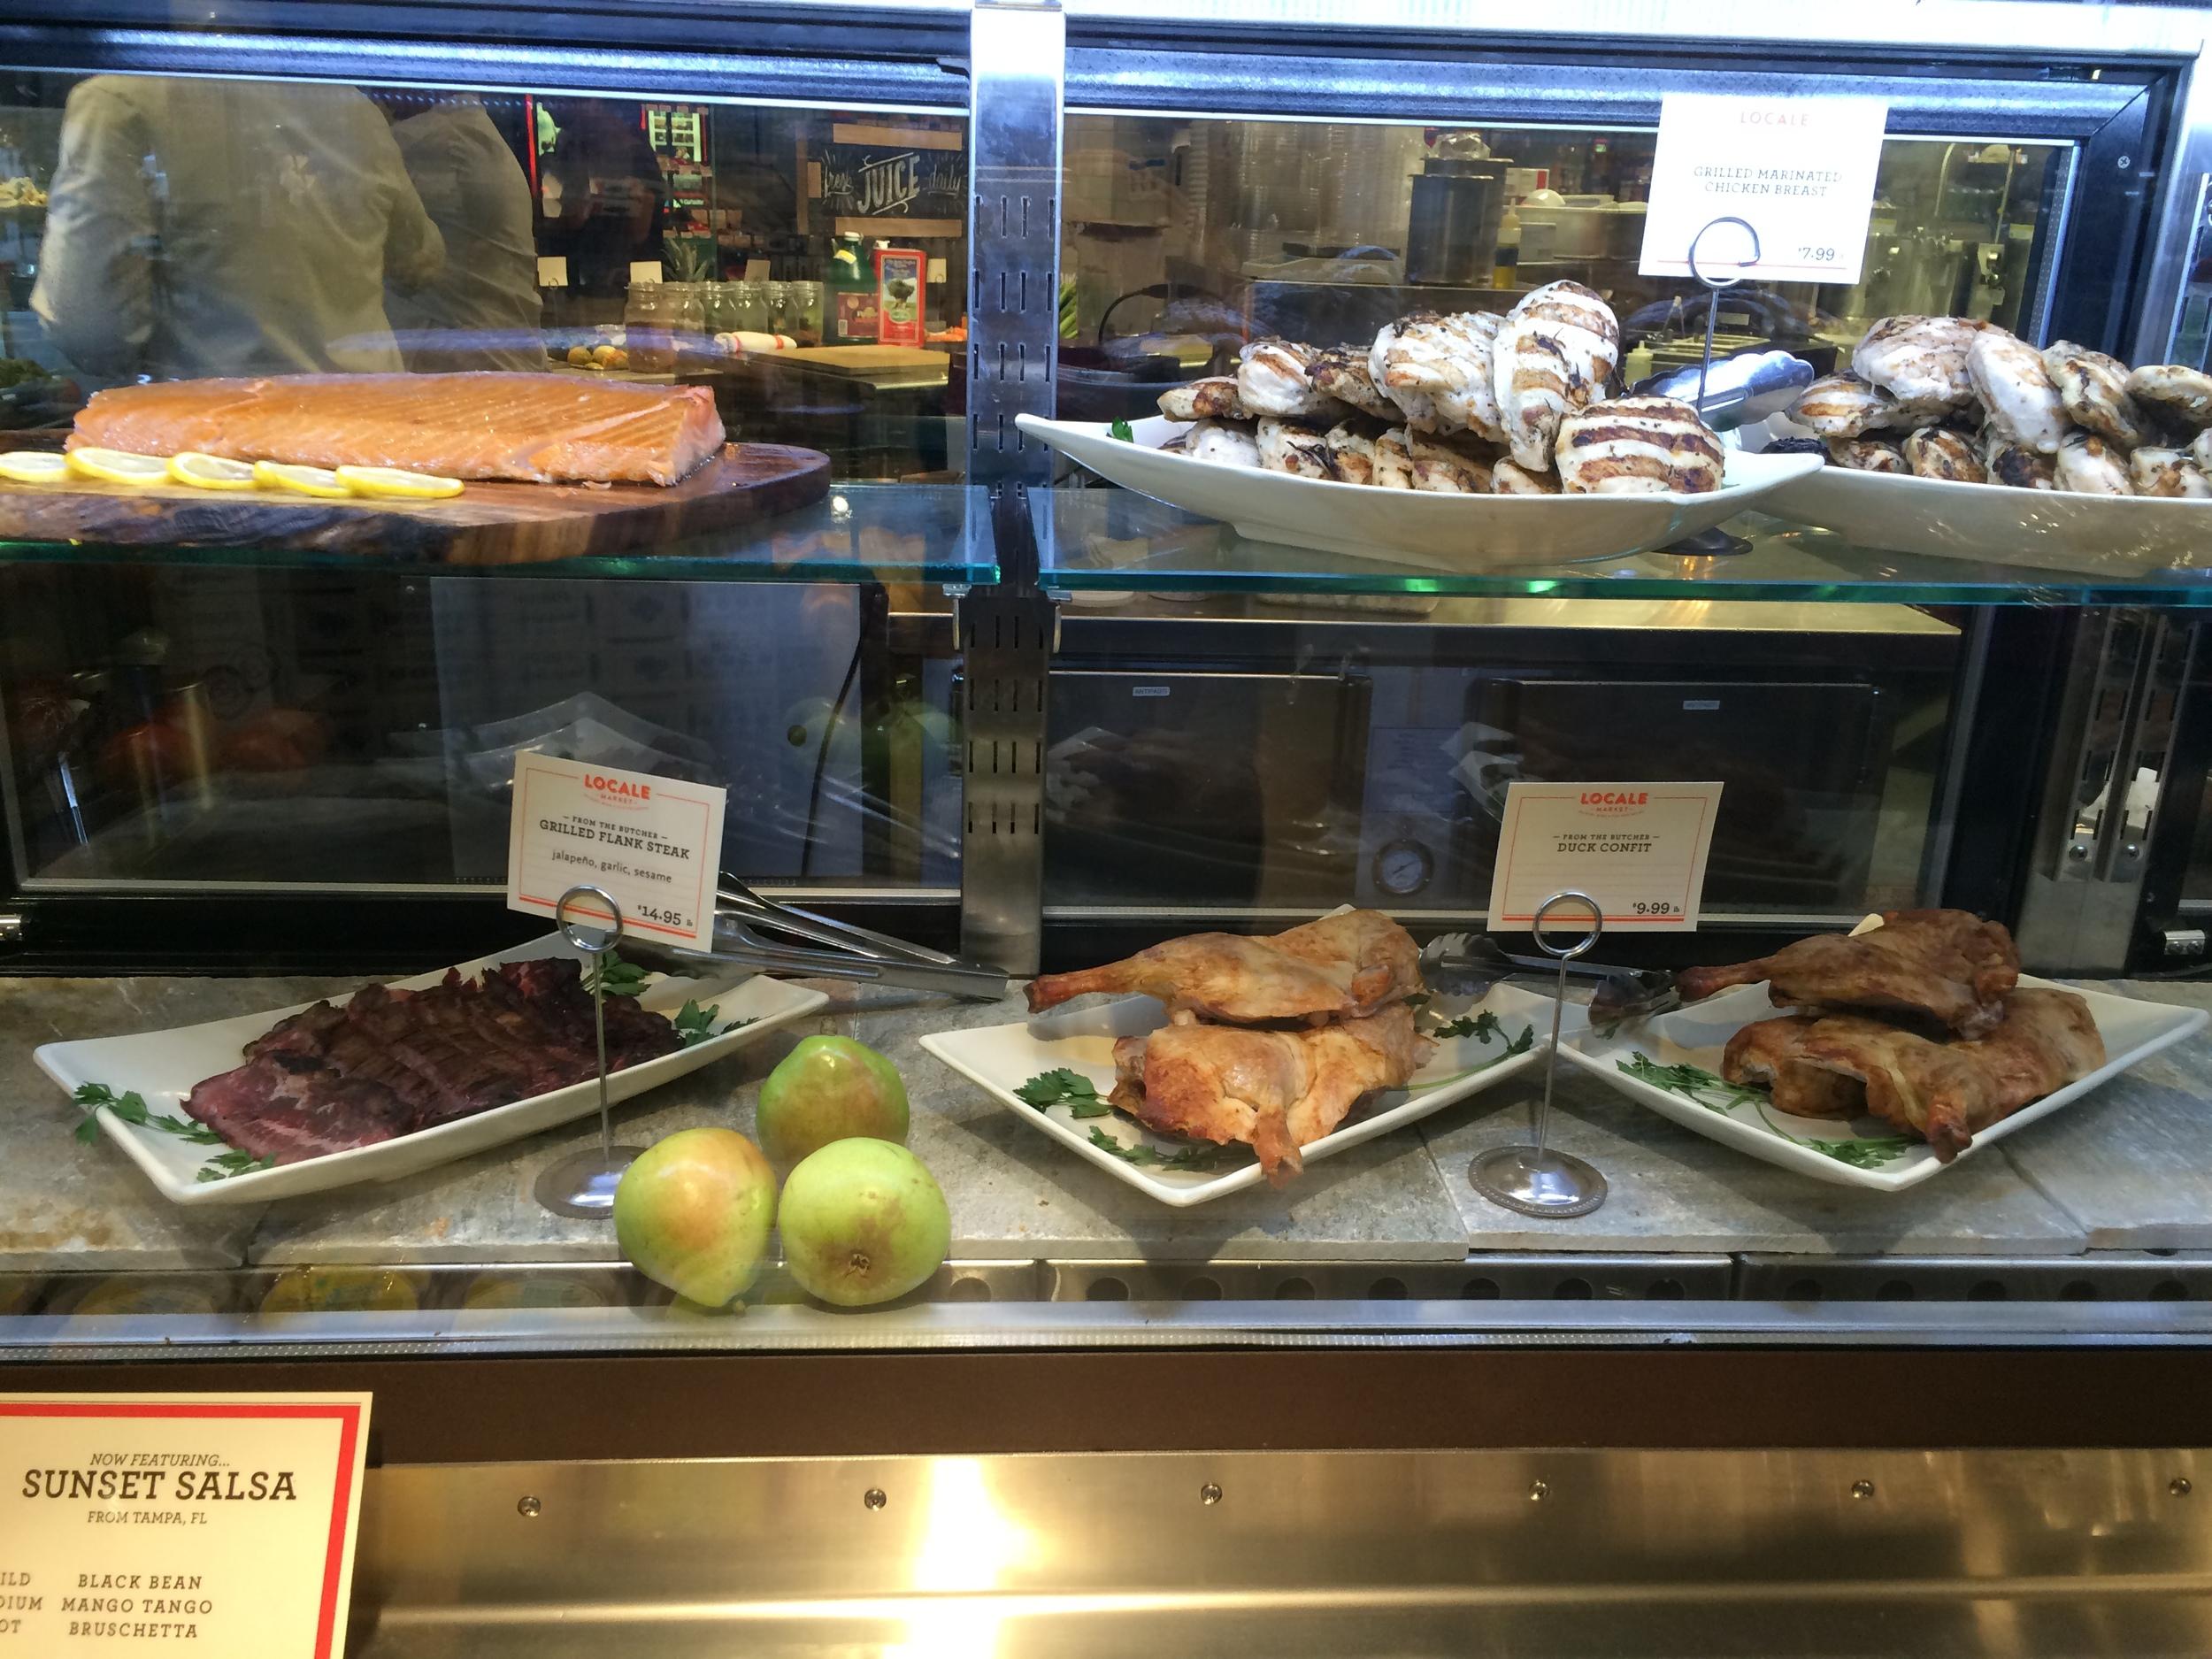 Algumas opções de proteínas curadas ou cozidas. Destaque para o Confit de Canard bem ali no meio.